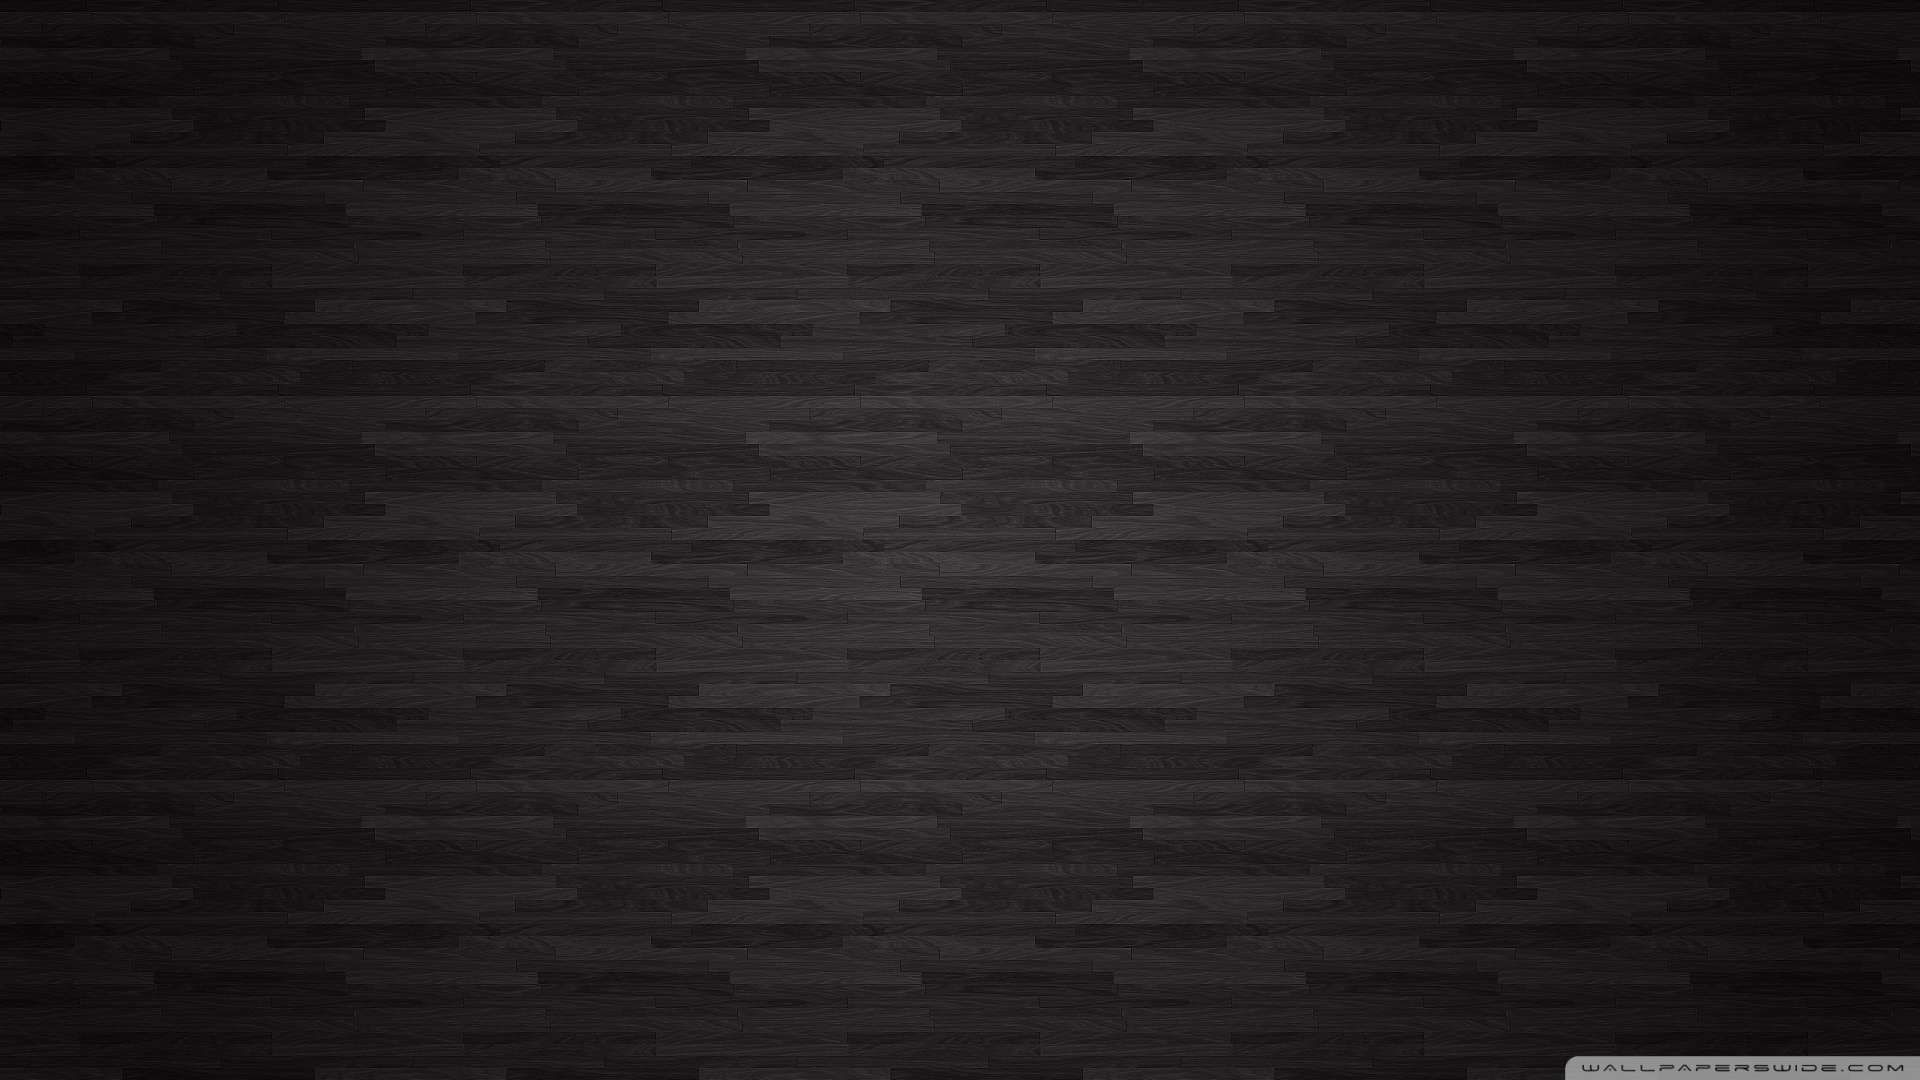 Gray Floor Texture Wallpaper 1080p HD